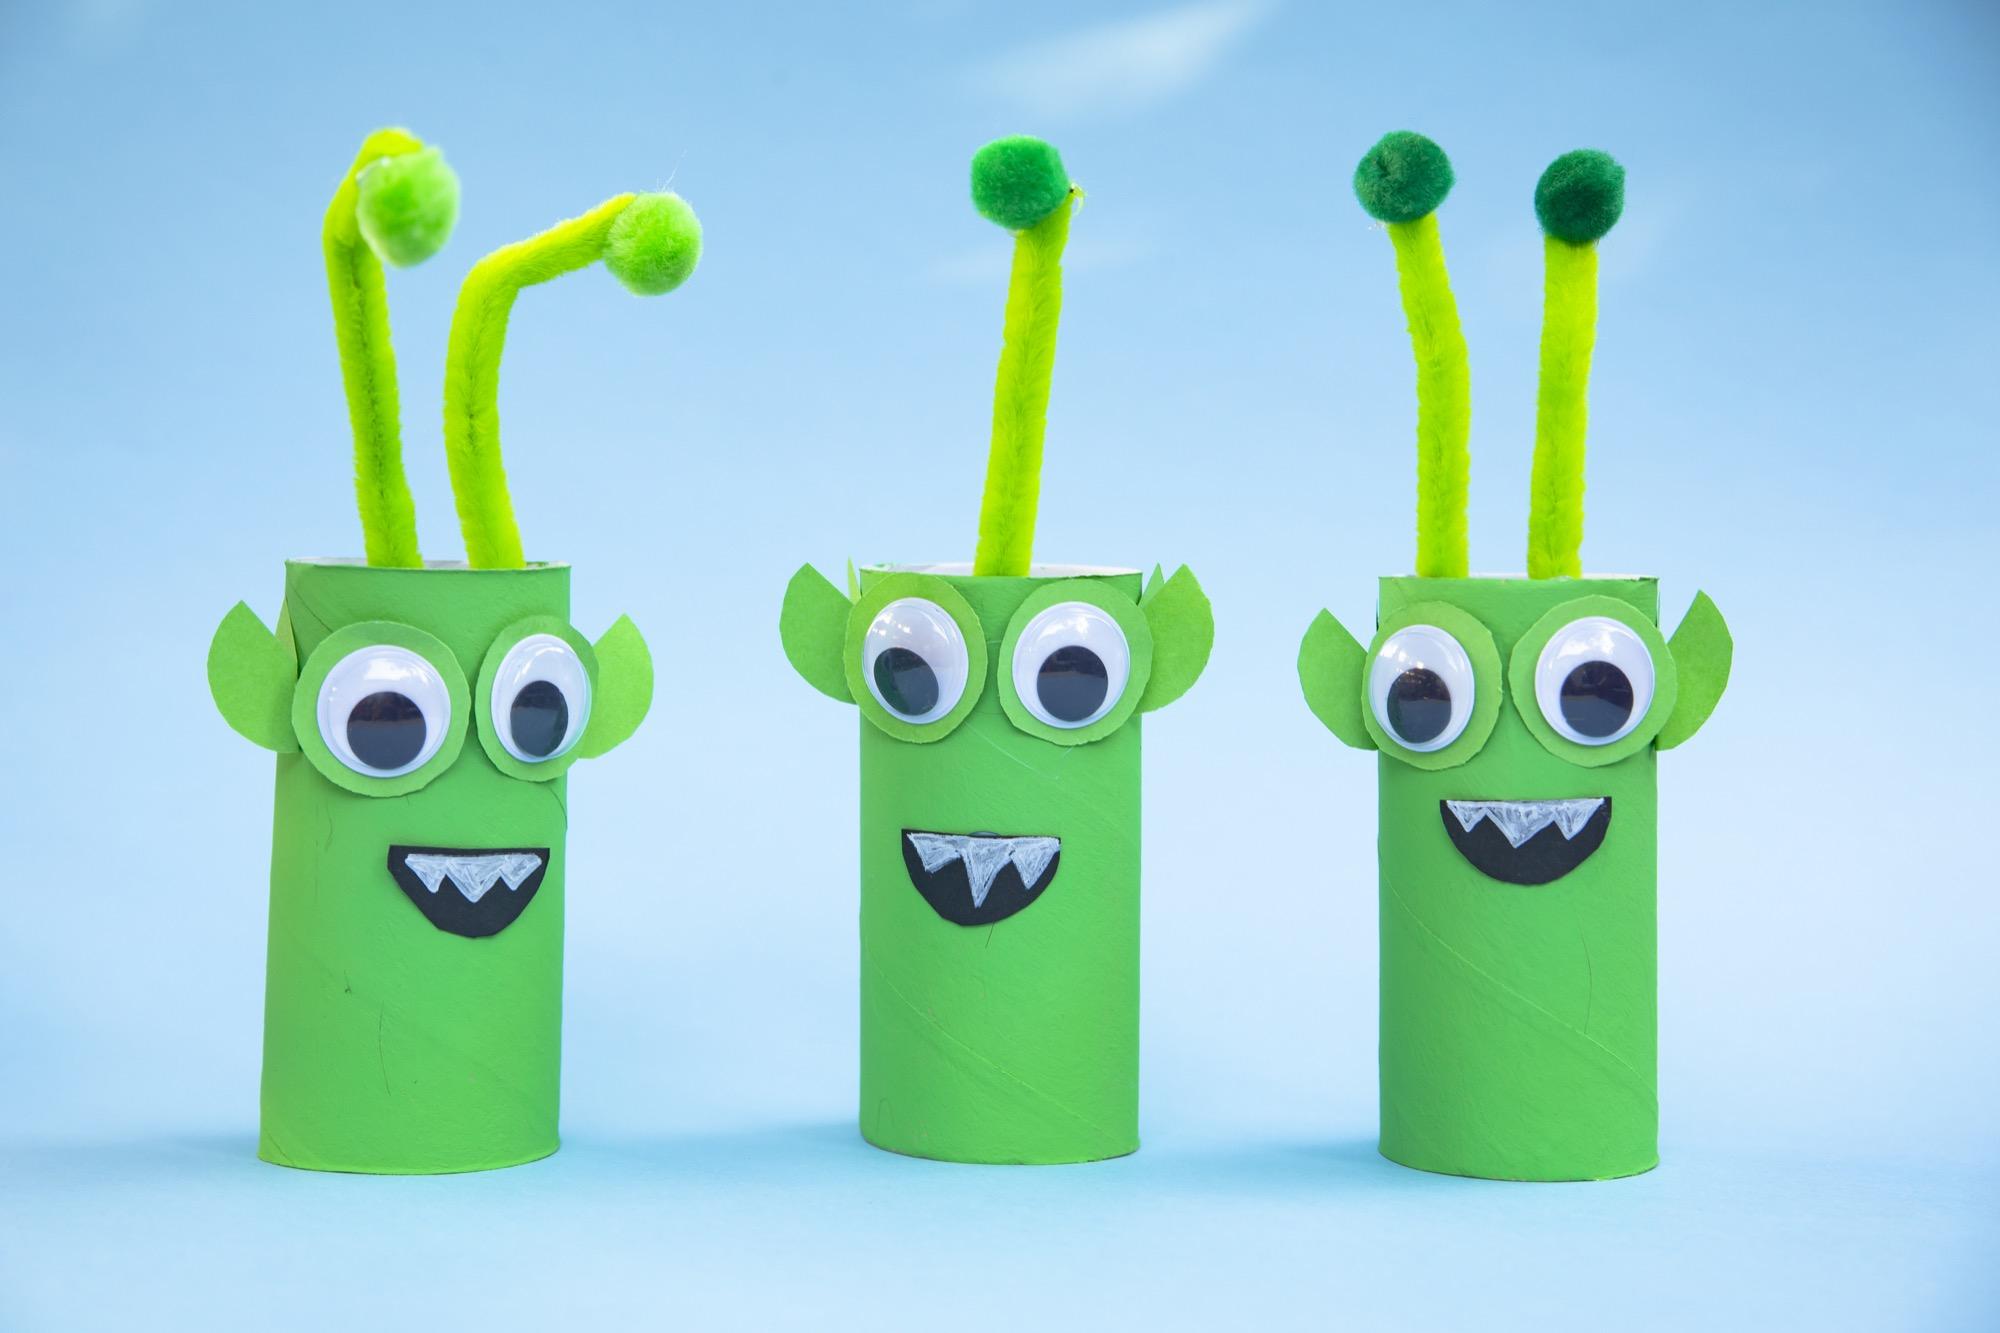 Bricolage de l'espace : mes petits aliens verts